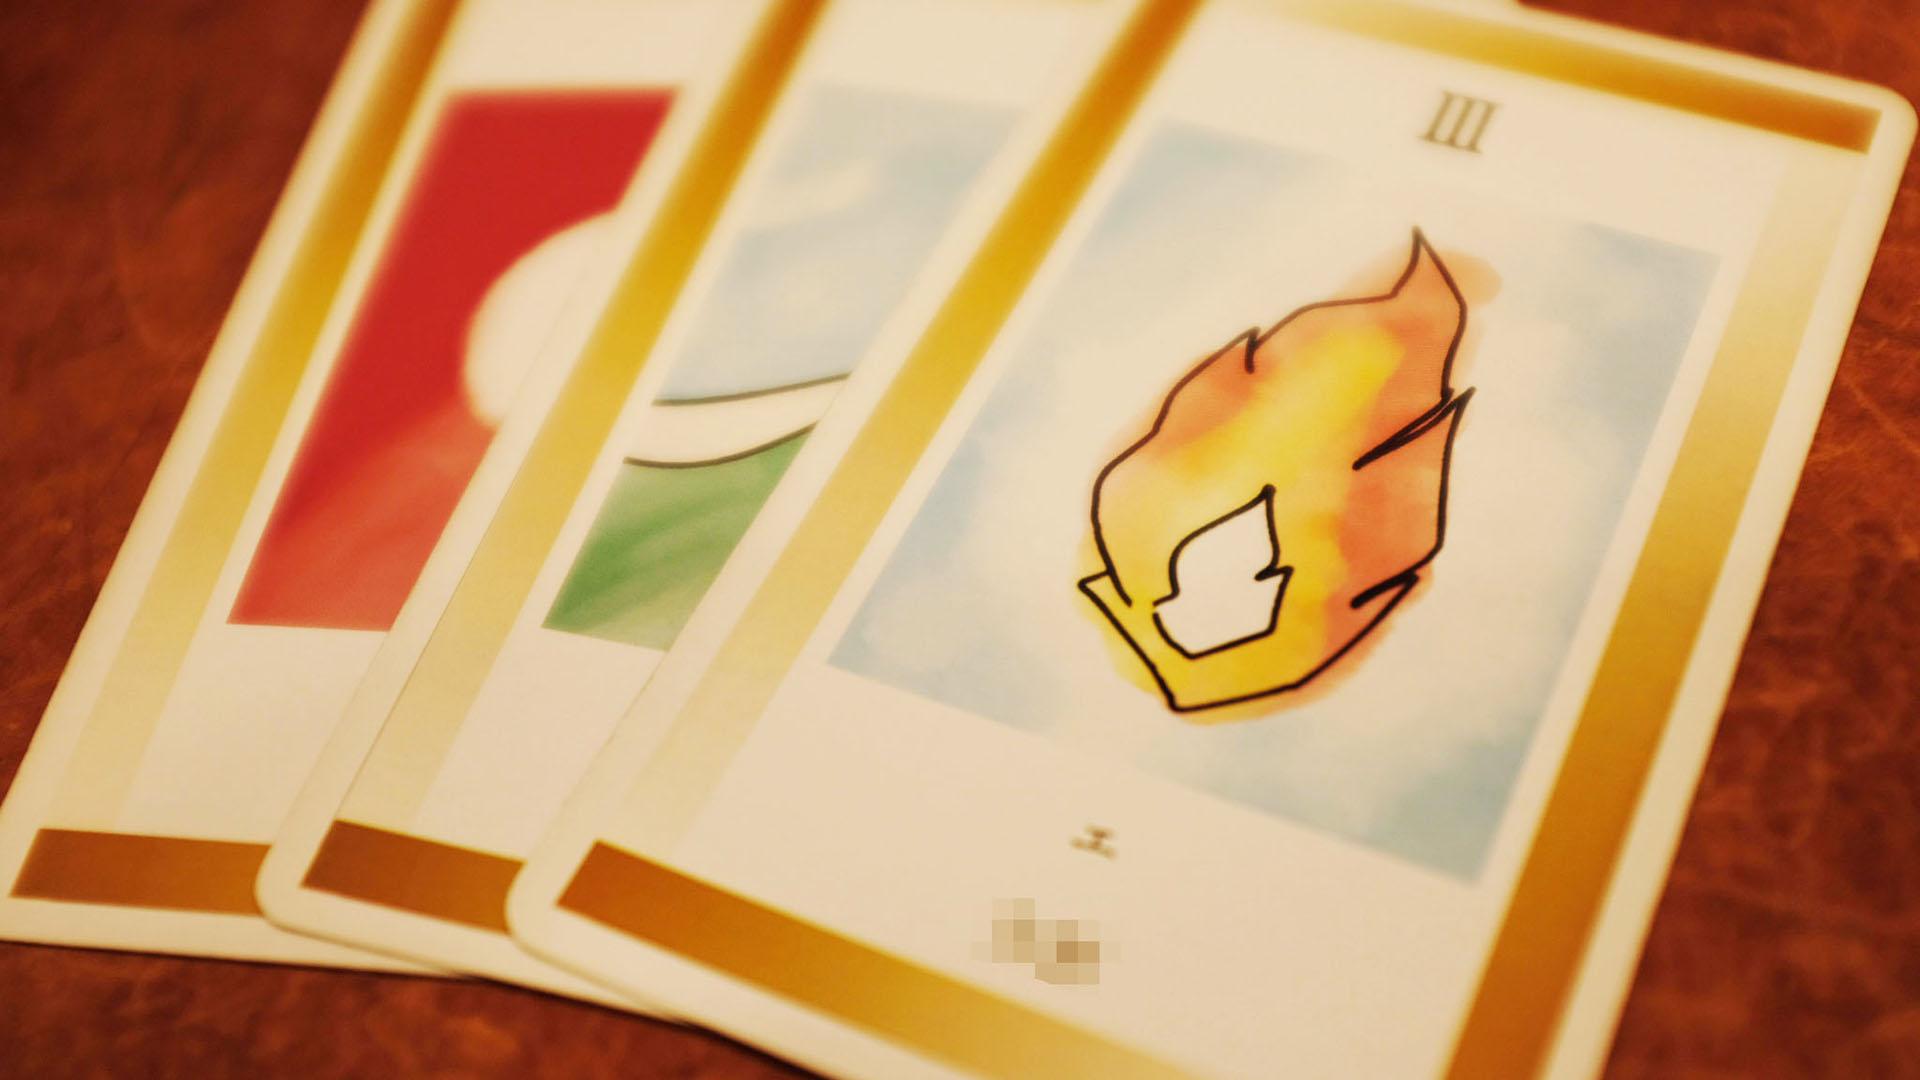 言霊カード講座|「言霊カード」は登録商標です。類似品にご注意ください。